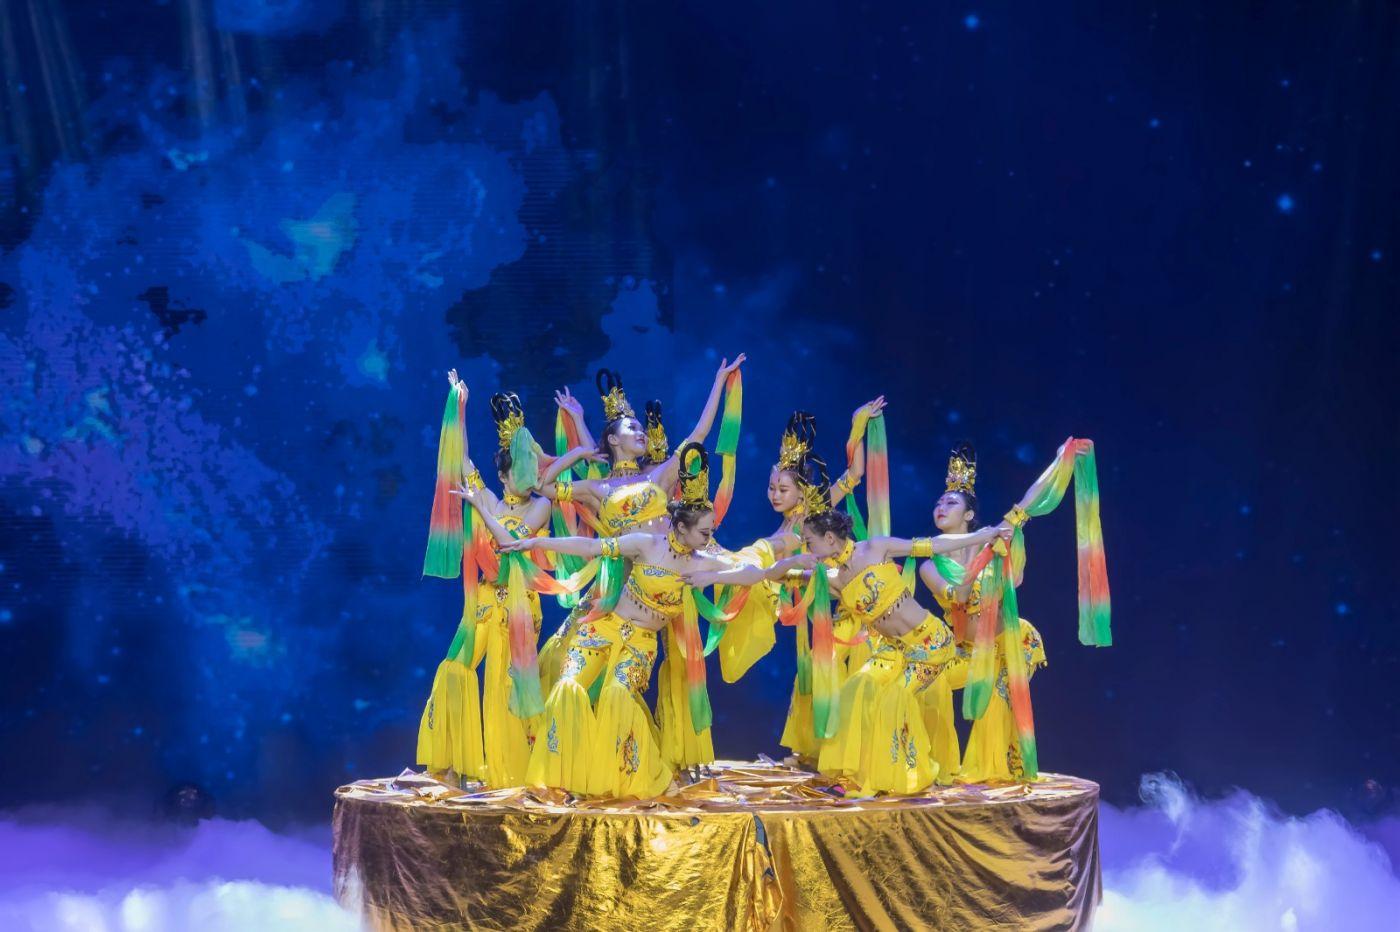 沂蒙大地上 有一种舞蹈叫飞天 这是几位临沂女孩的杰作 美轮美奂 ..._图1-12